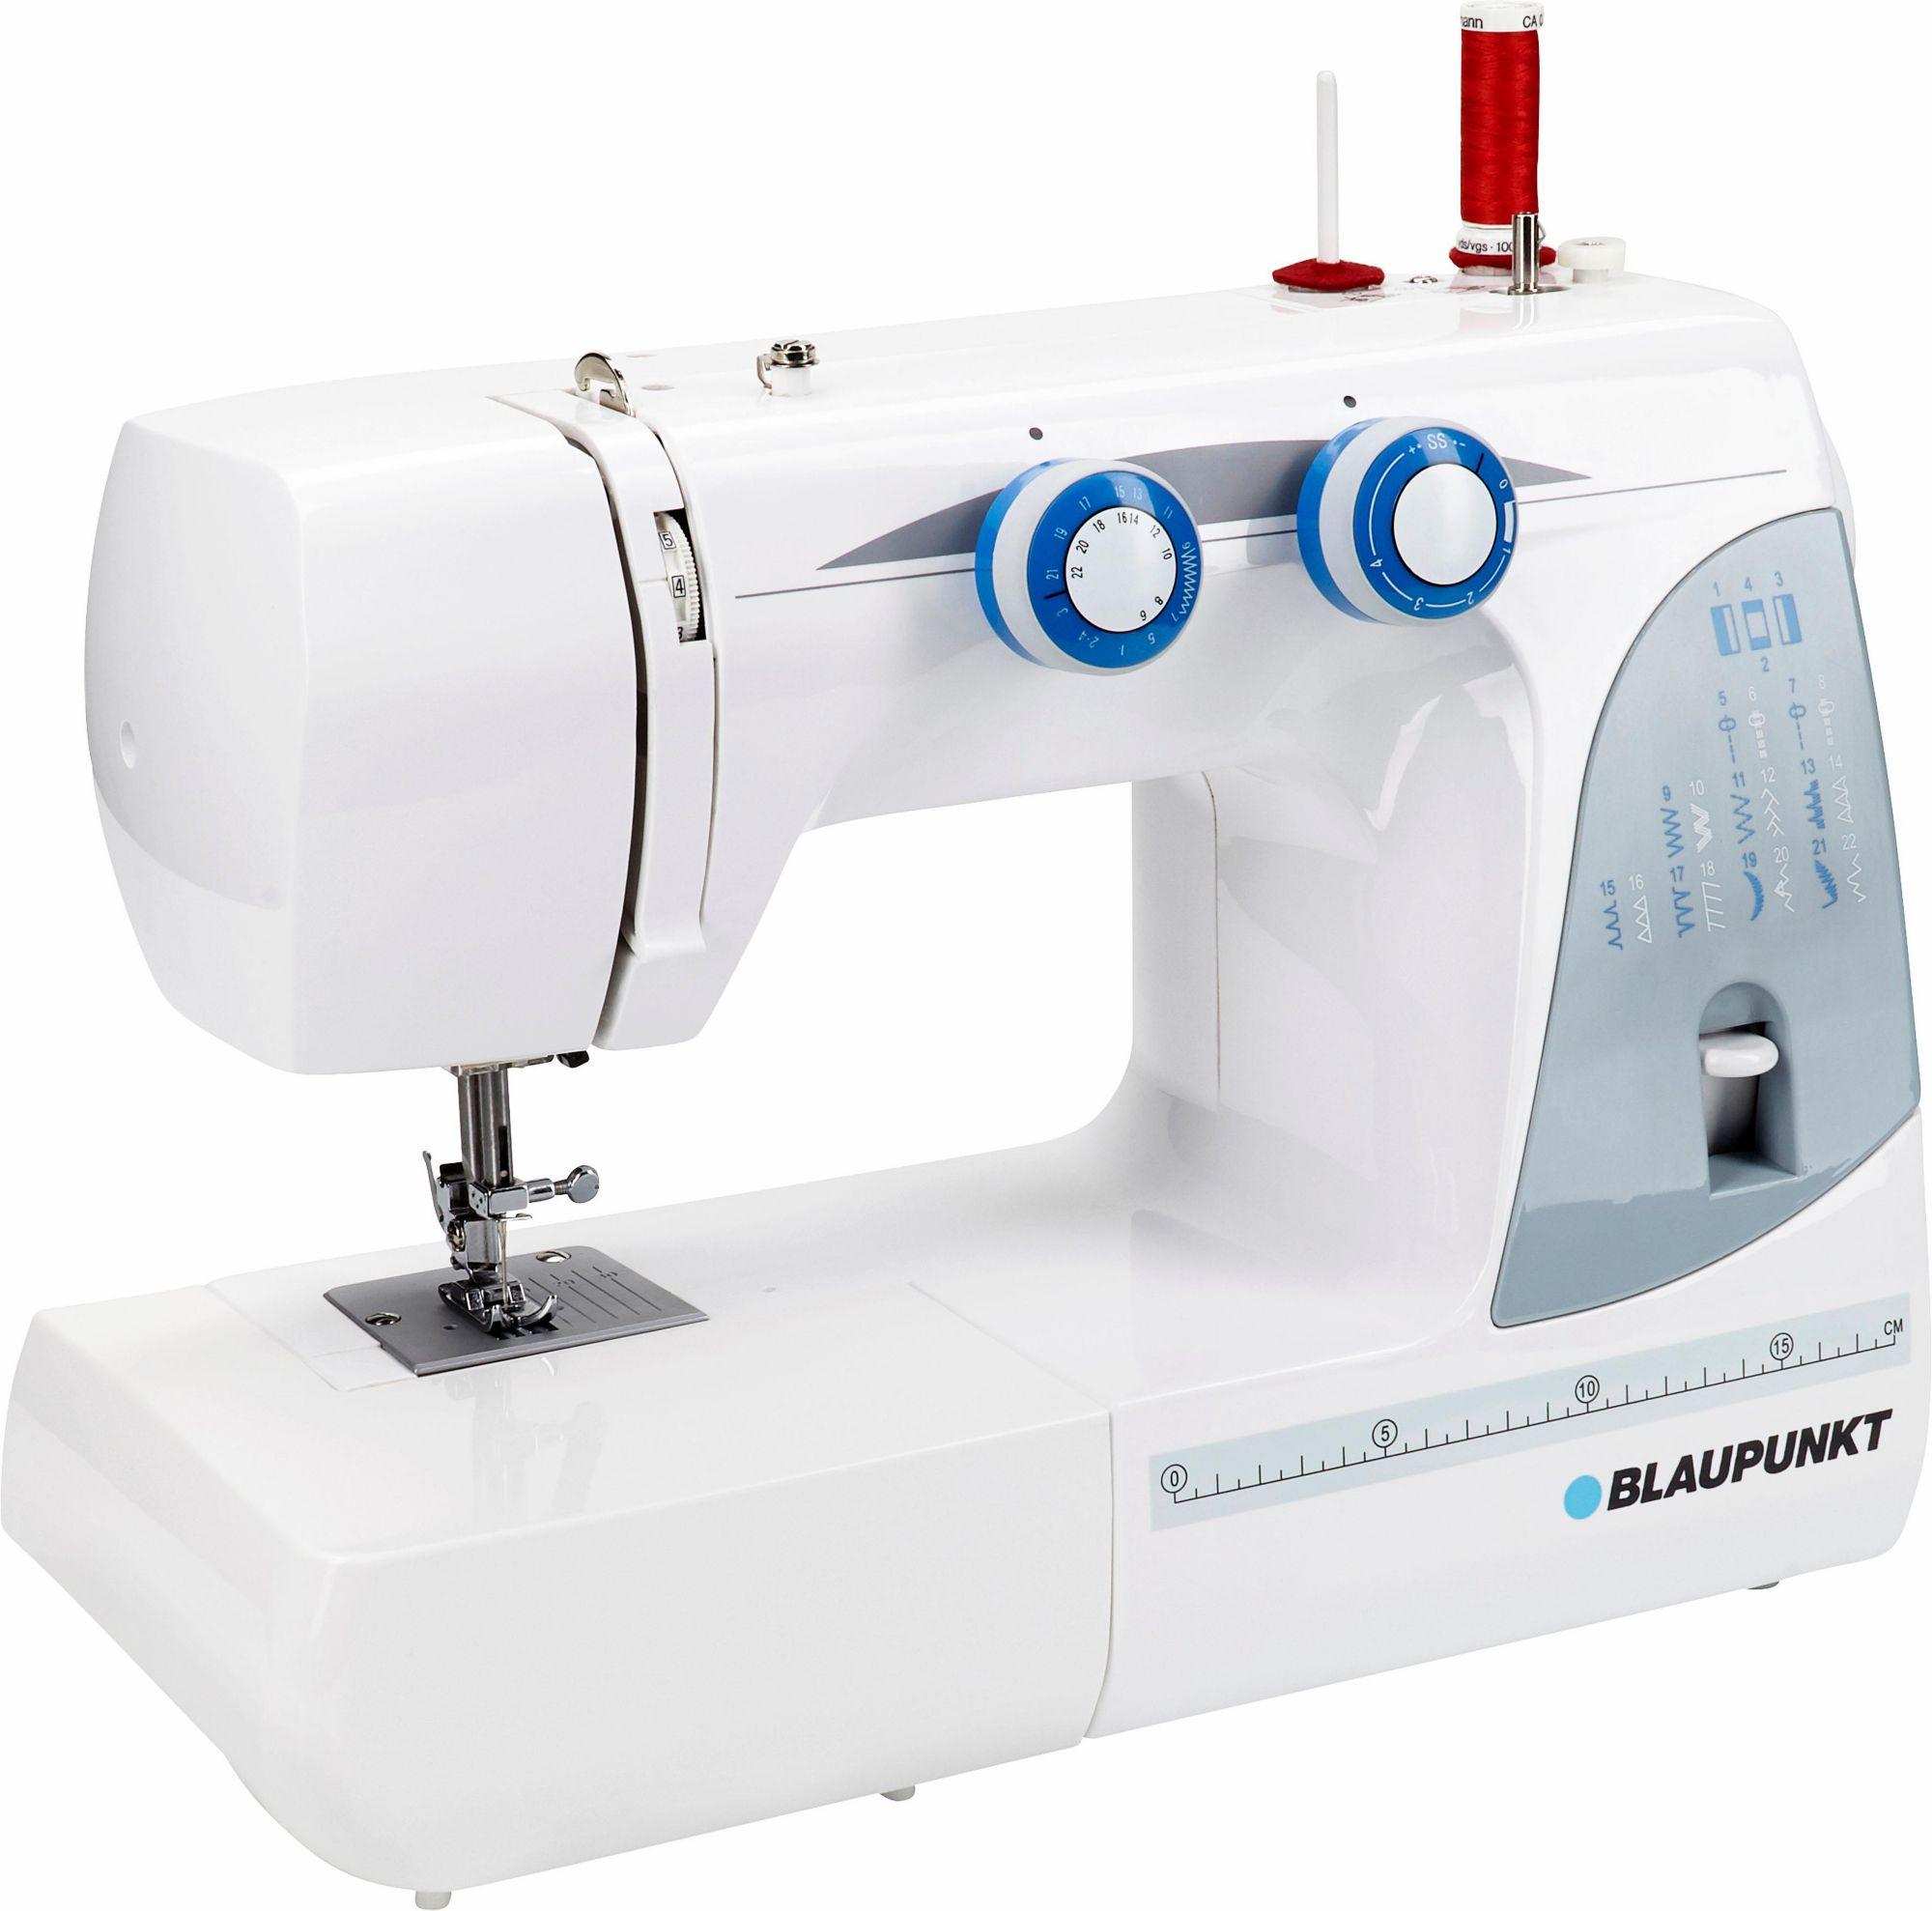 BLAUPUNKT Blaupunkt CASUAL 845 Freiarmnähmaschine